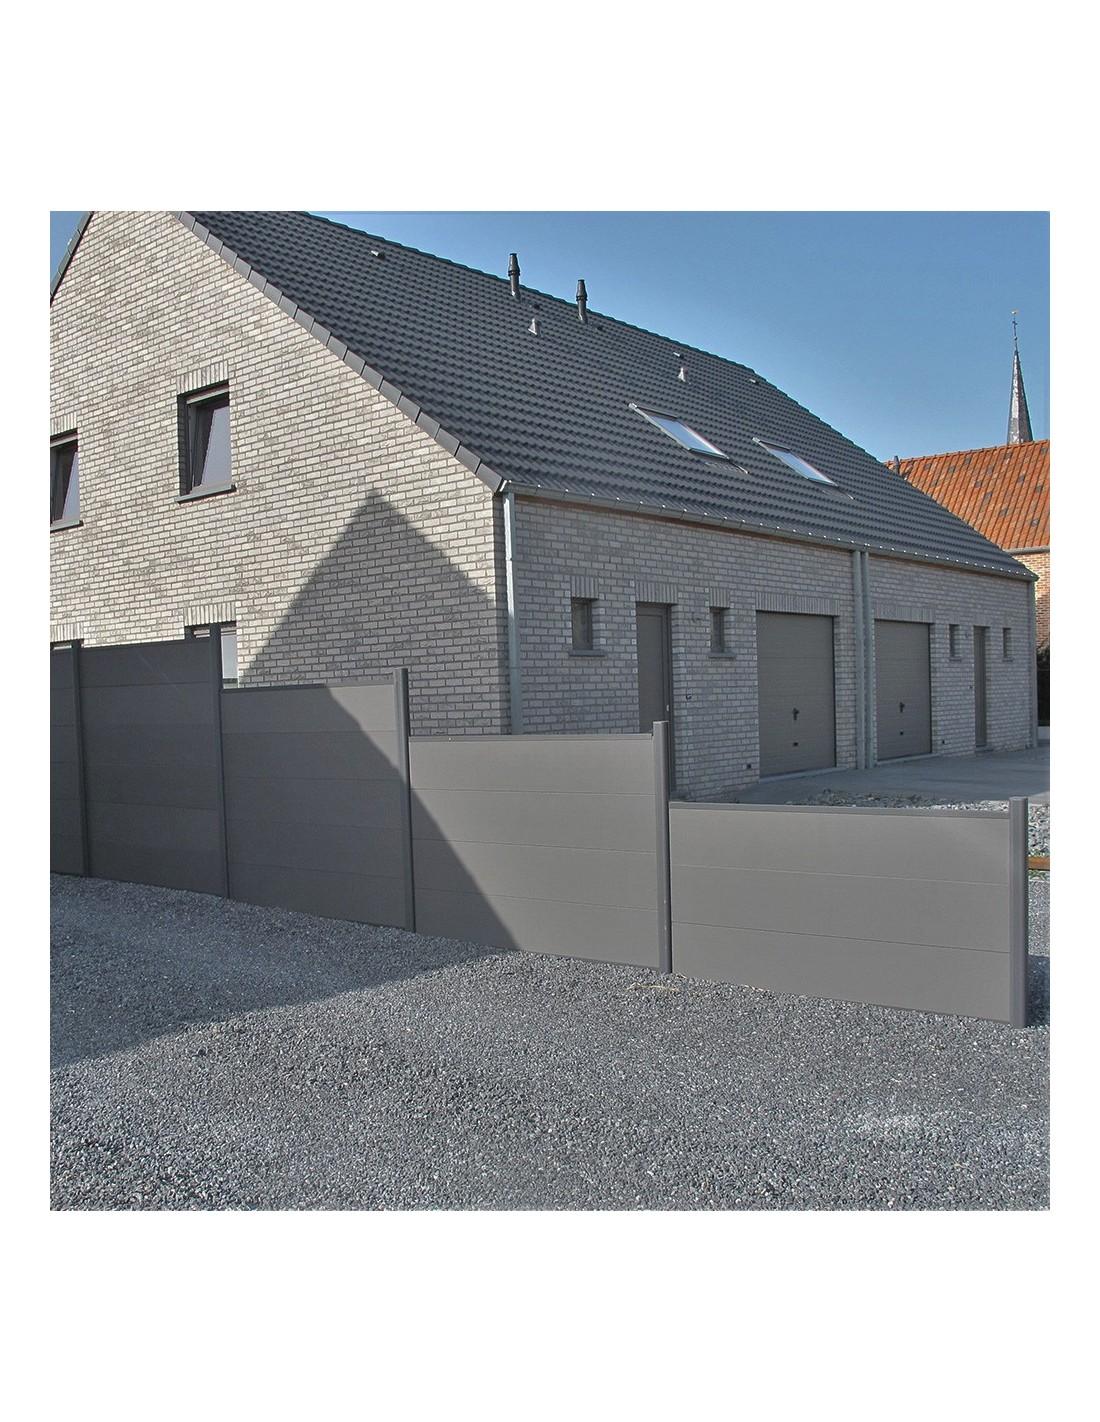 panneau composite wpc combi wood xl ipe van wetter shop. Black Bedroom Furniture Sets. Home Design Ideas